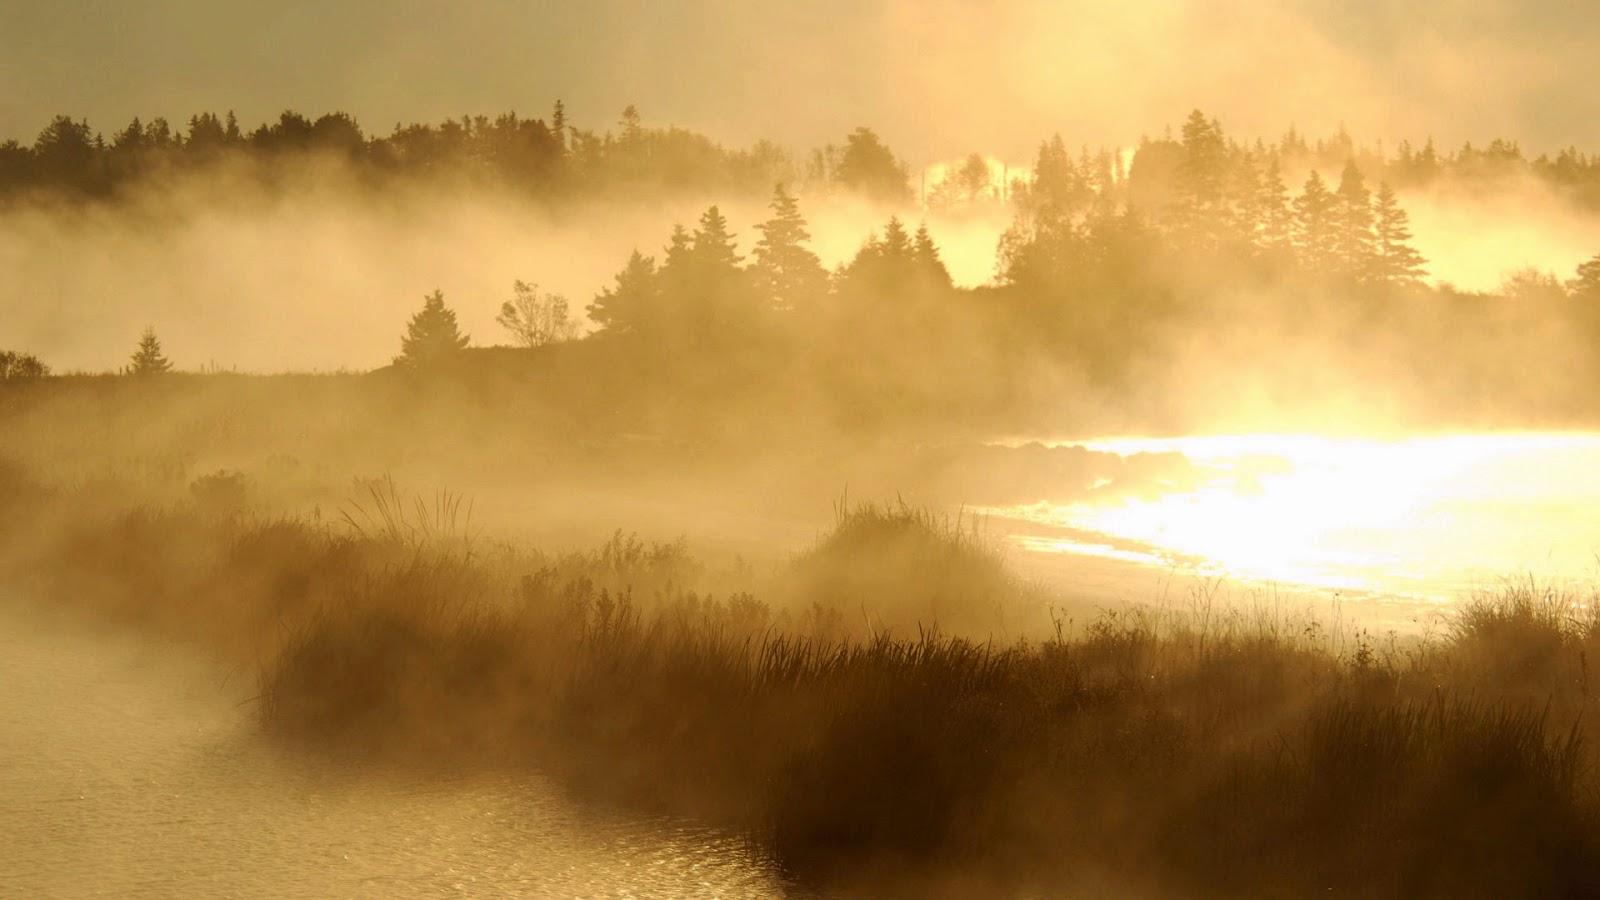 Wallpaper met moeras en mist